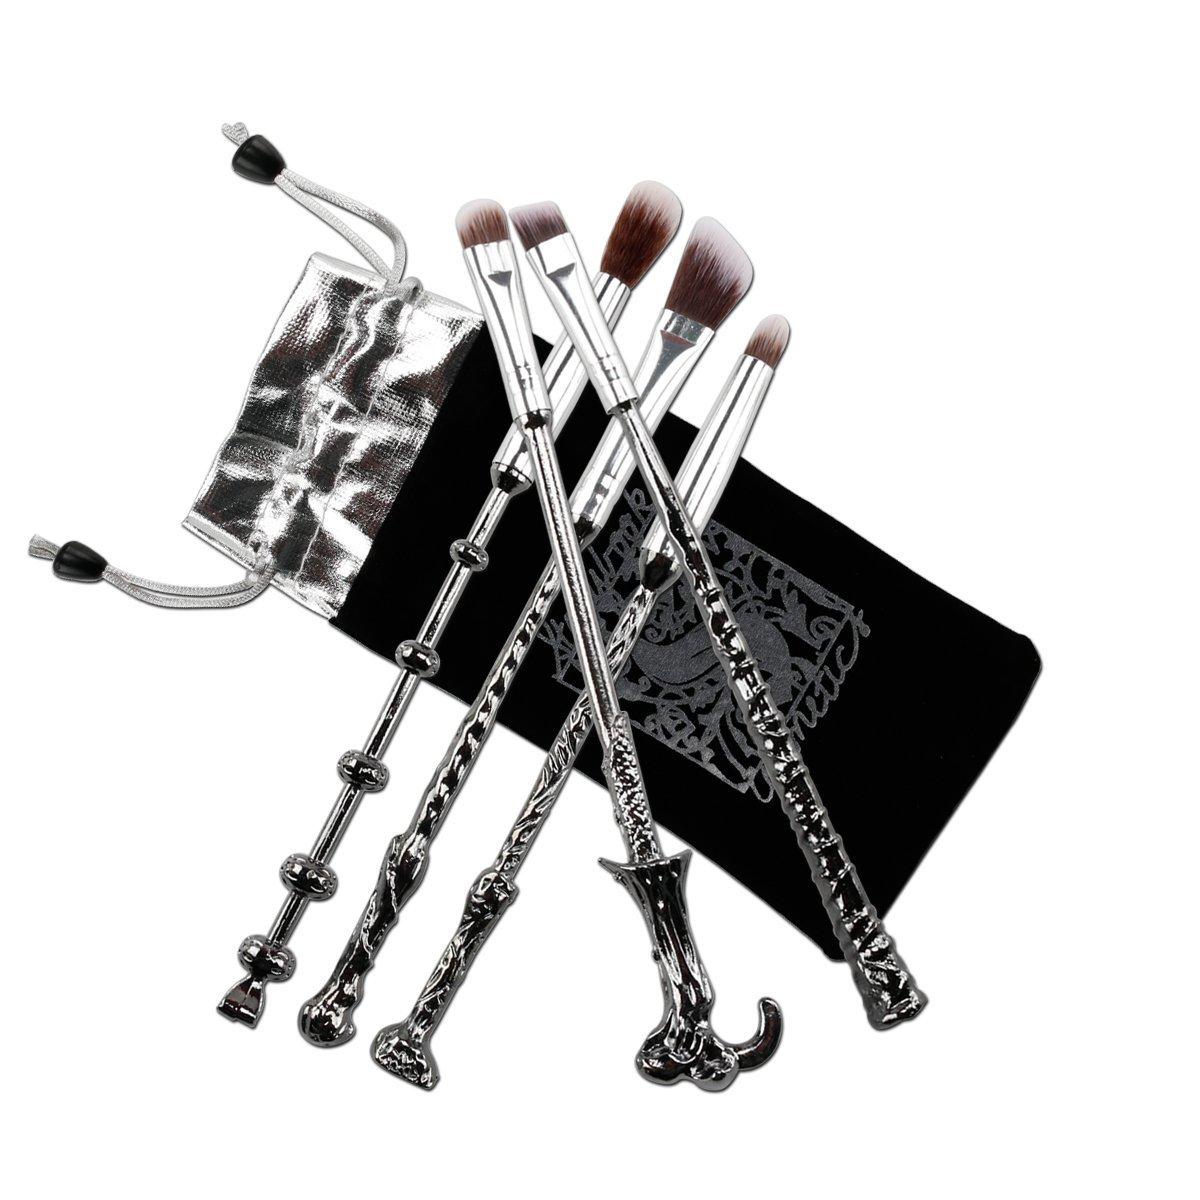 Pinceles Maquillaje,Chacca Kit Pinceles de Maquillaje 5 piezas, forma de Varita Mágica Look de Fantasía Harry Potter con Cerdas finas, Negro Plateado imagen